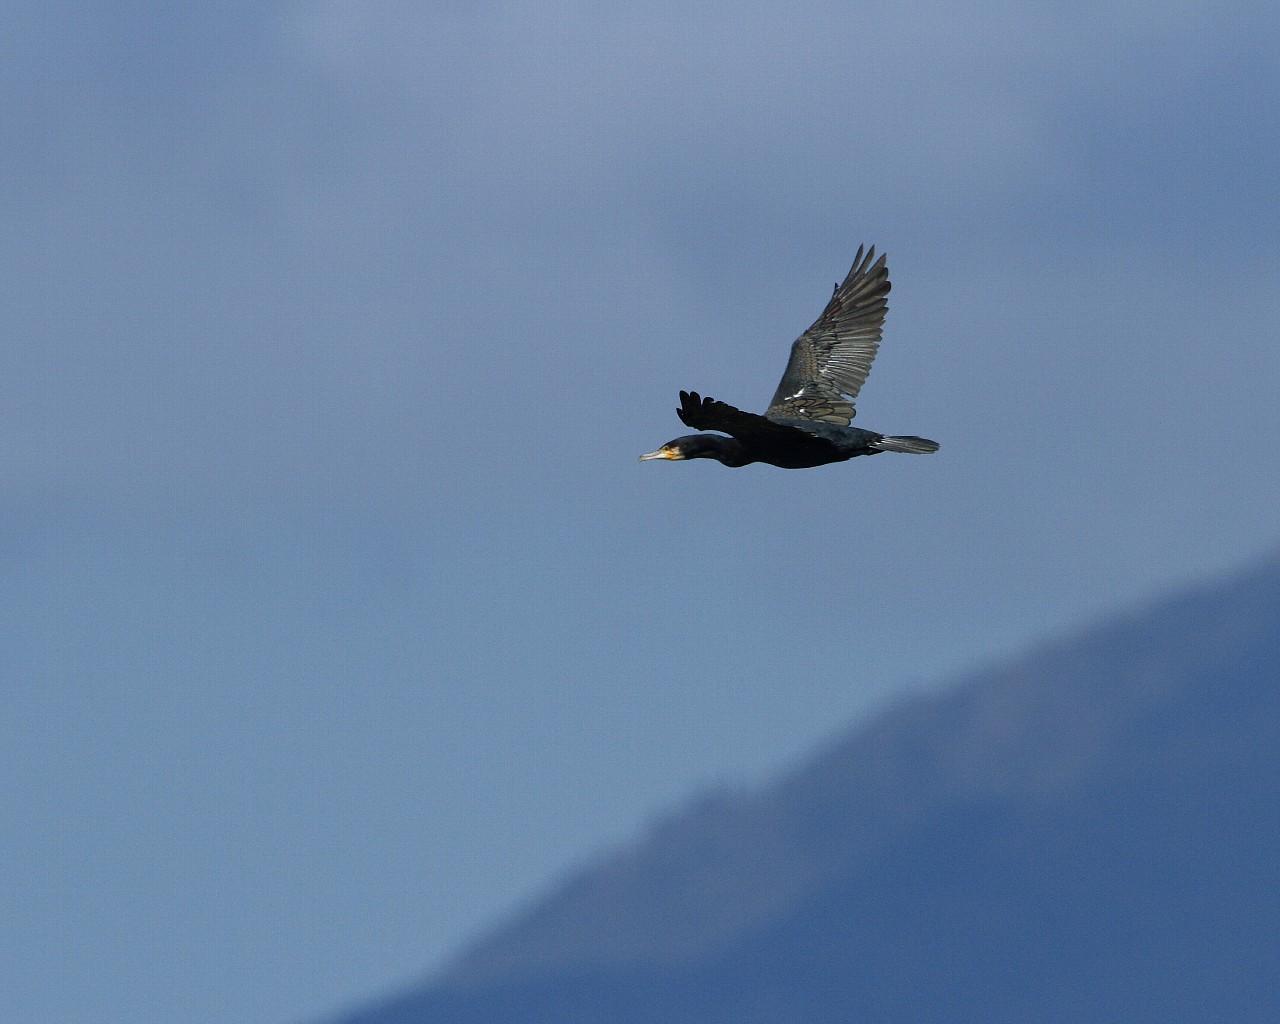 大山背景にカワウの飛翔_f0105570_2235625.jpg